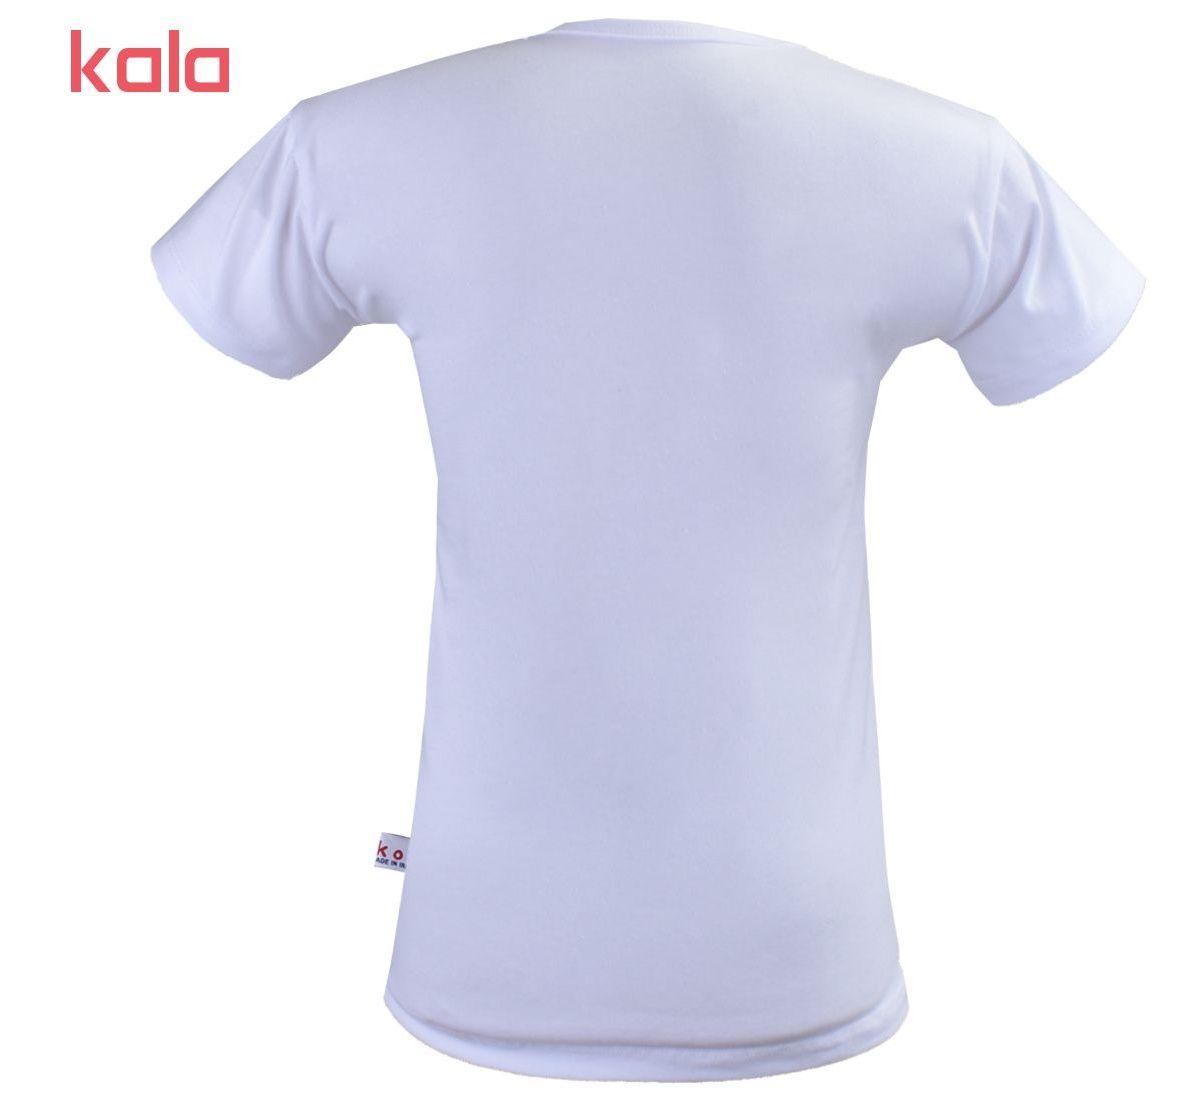 تی شرت زنانه آکو طرح دریم کچر کد SS97 main 1 2